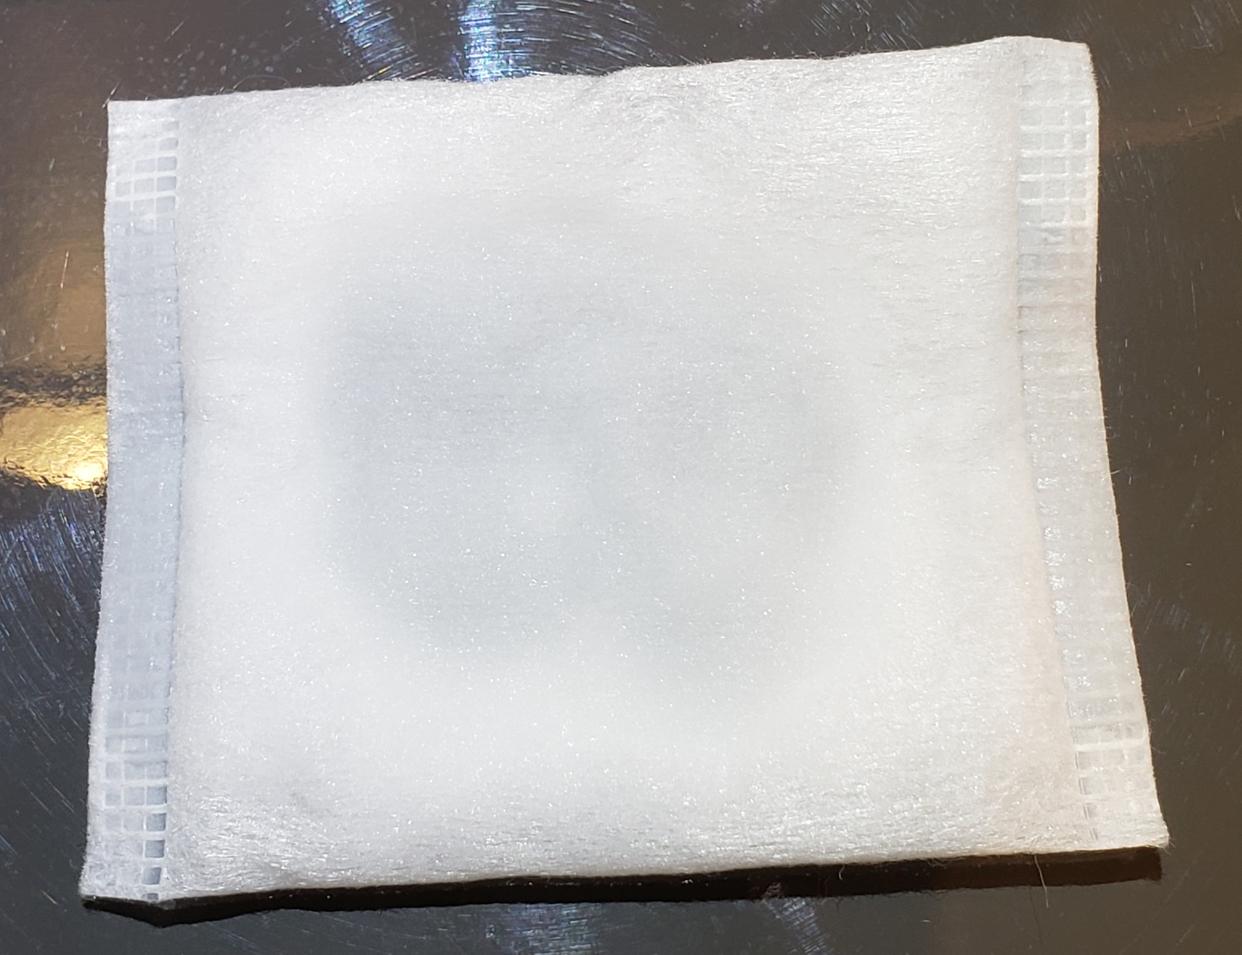 Collage(コラージュ) リペア薬用保湿化粧水 とてもしっとりの良い点・メリットに関するMkpooさんの口コミ画像2